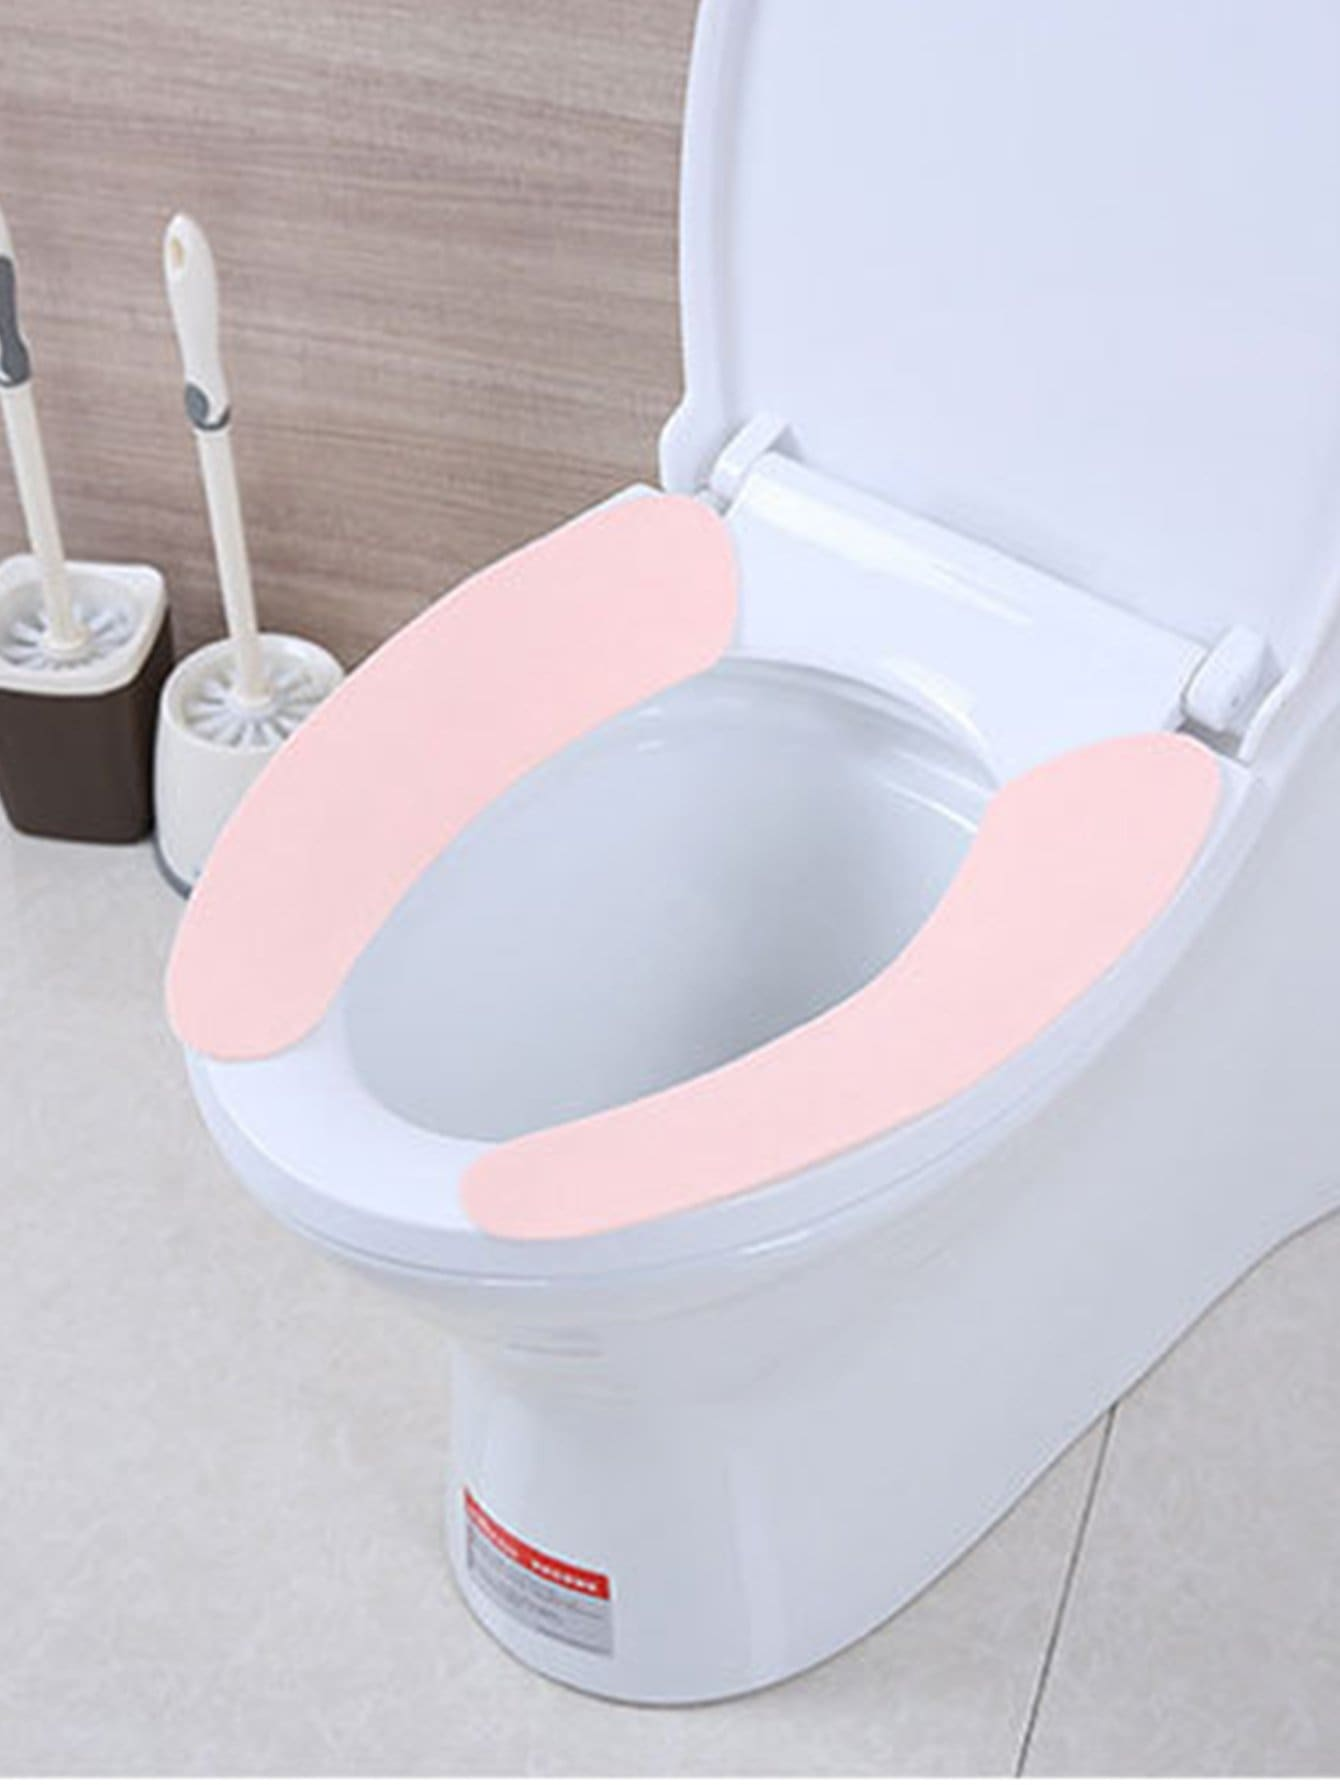 Купить Простая туалетная подушка для сидения 1 пара, null, SheIn